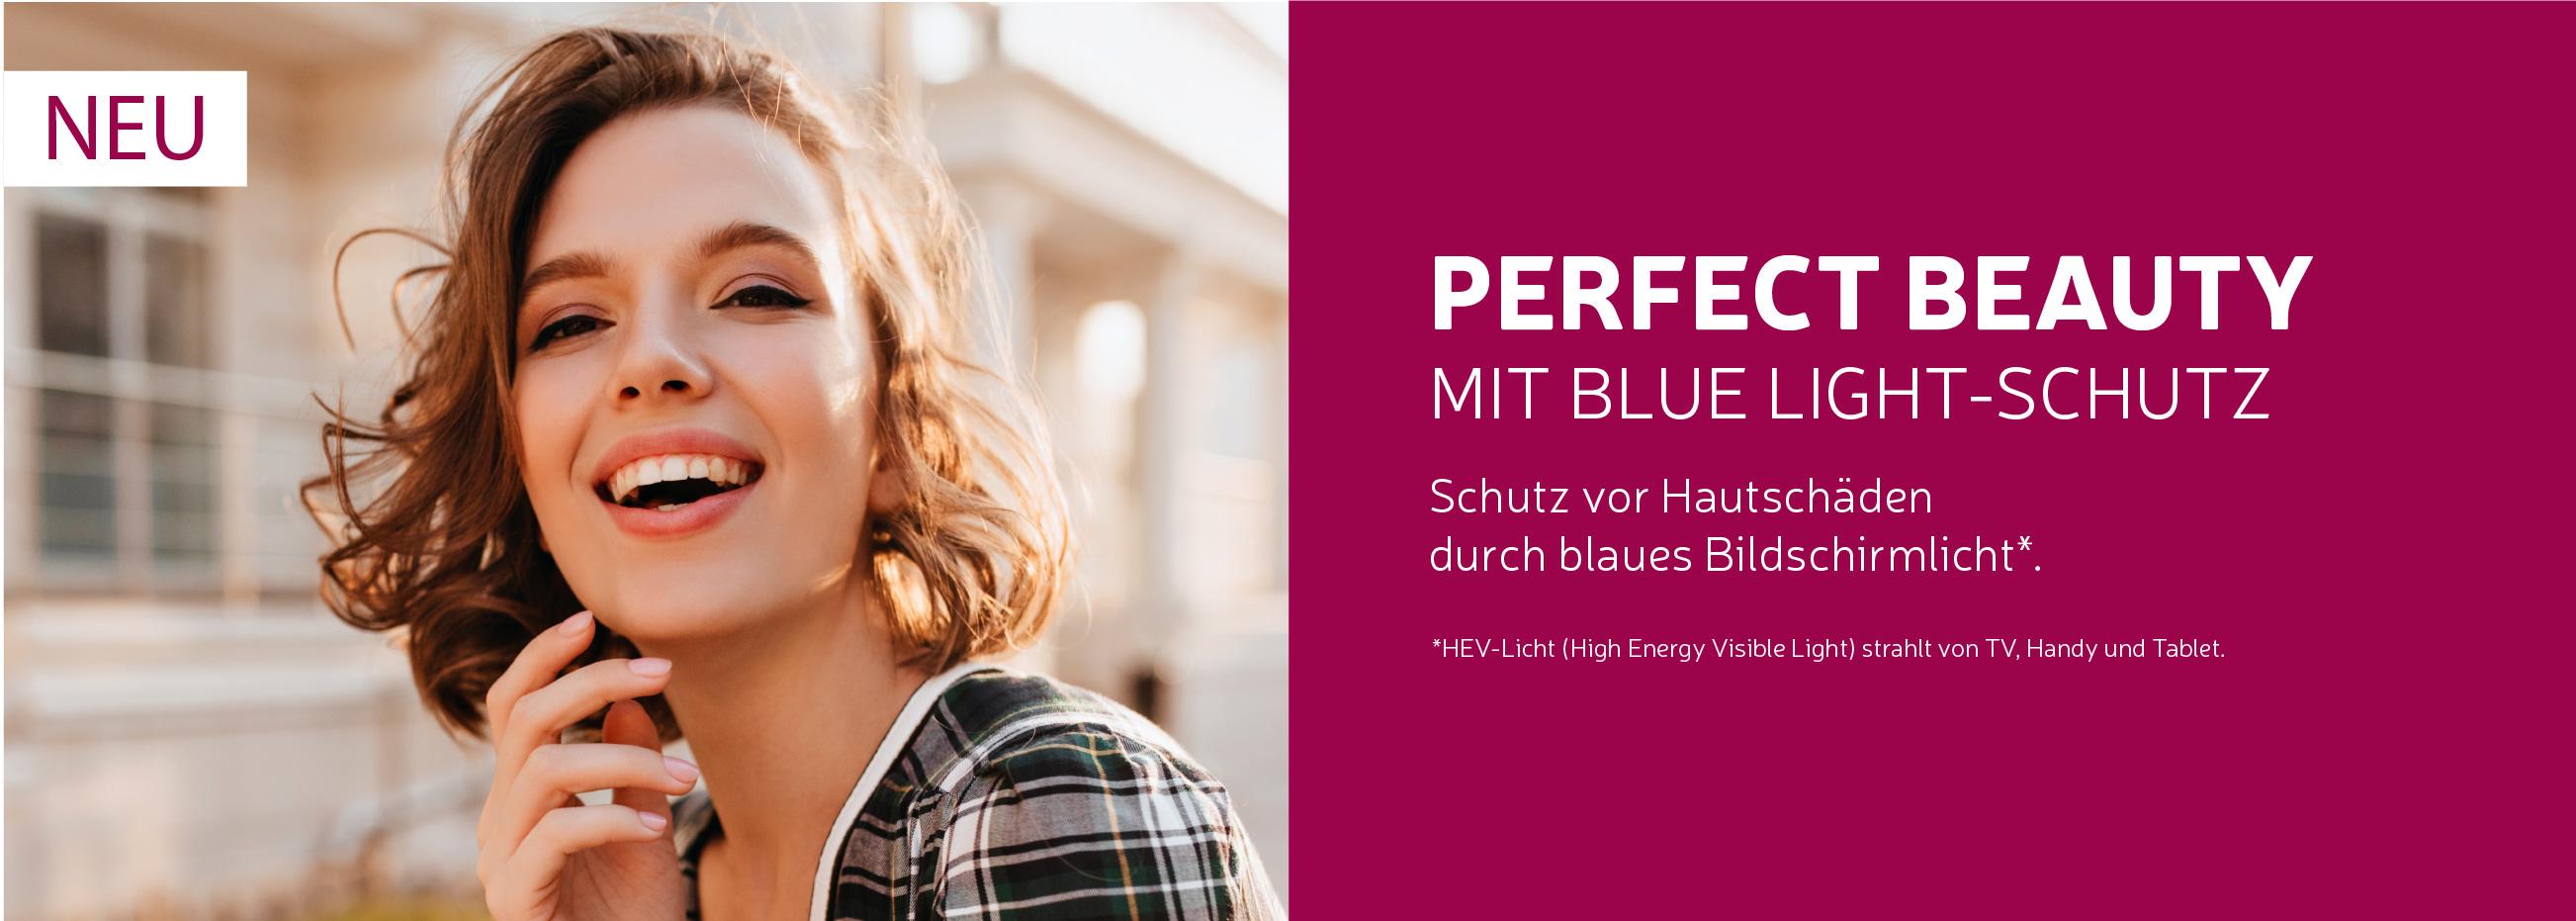 PerfectBeauty_EN_Slider-75x-80